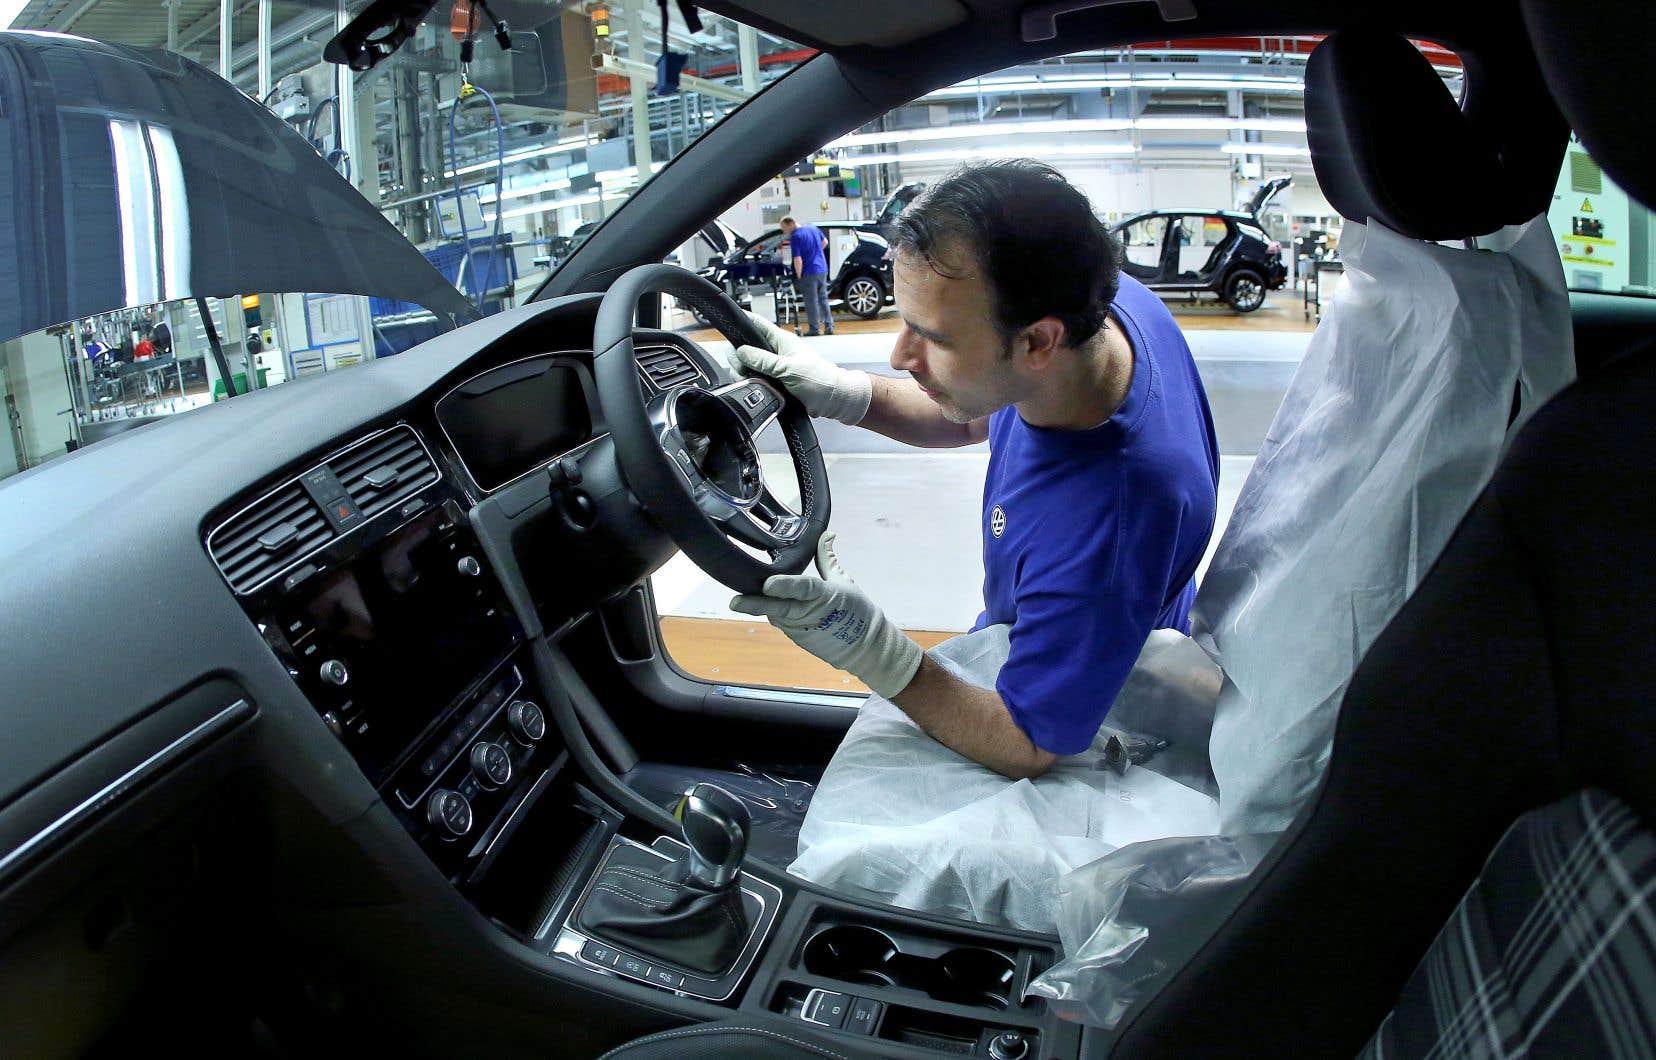 Un employé du constructeur automobile Volkswagen travaille sur une chaîne d'assemblage à Wolfsburg, en Allemagne.